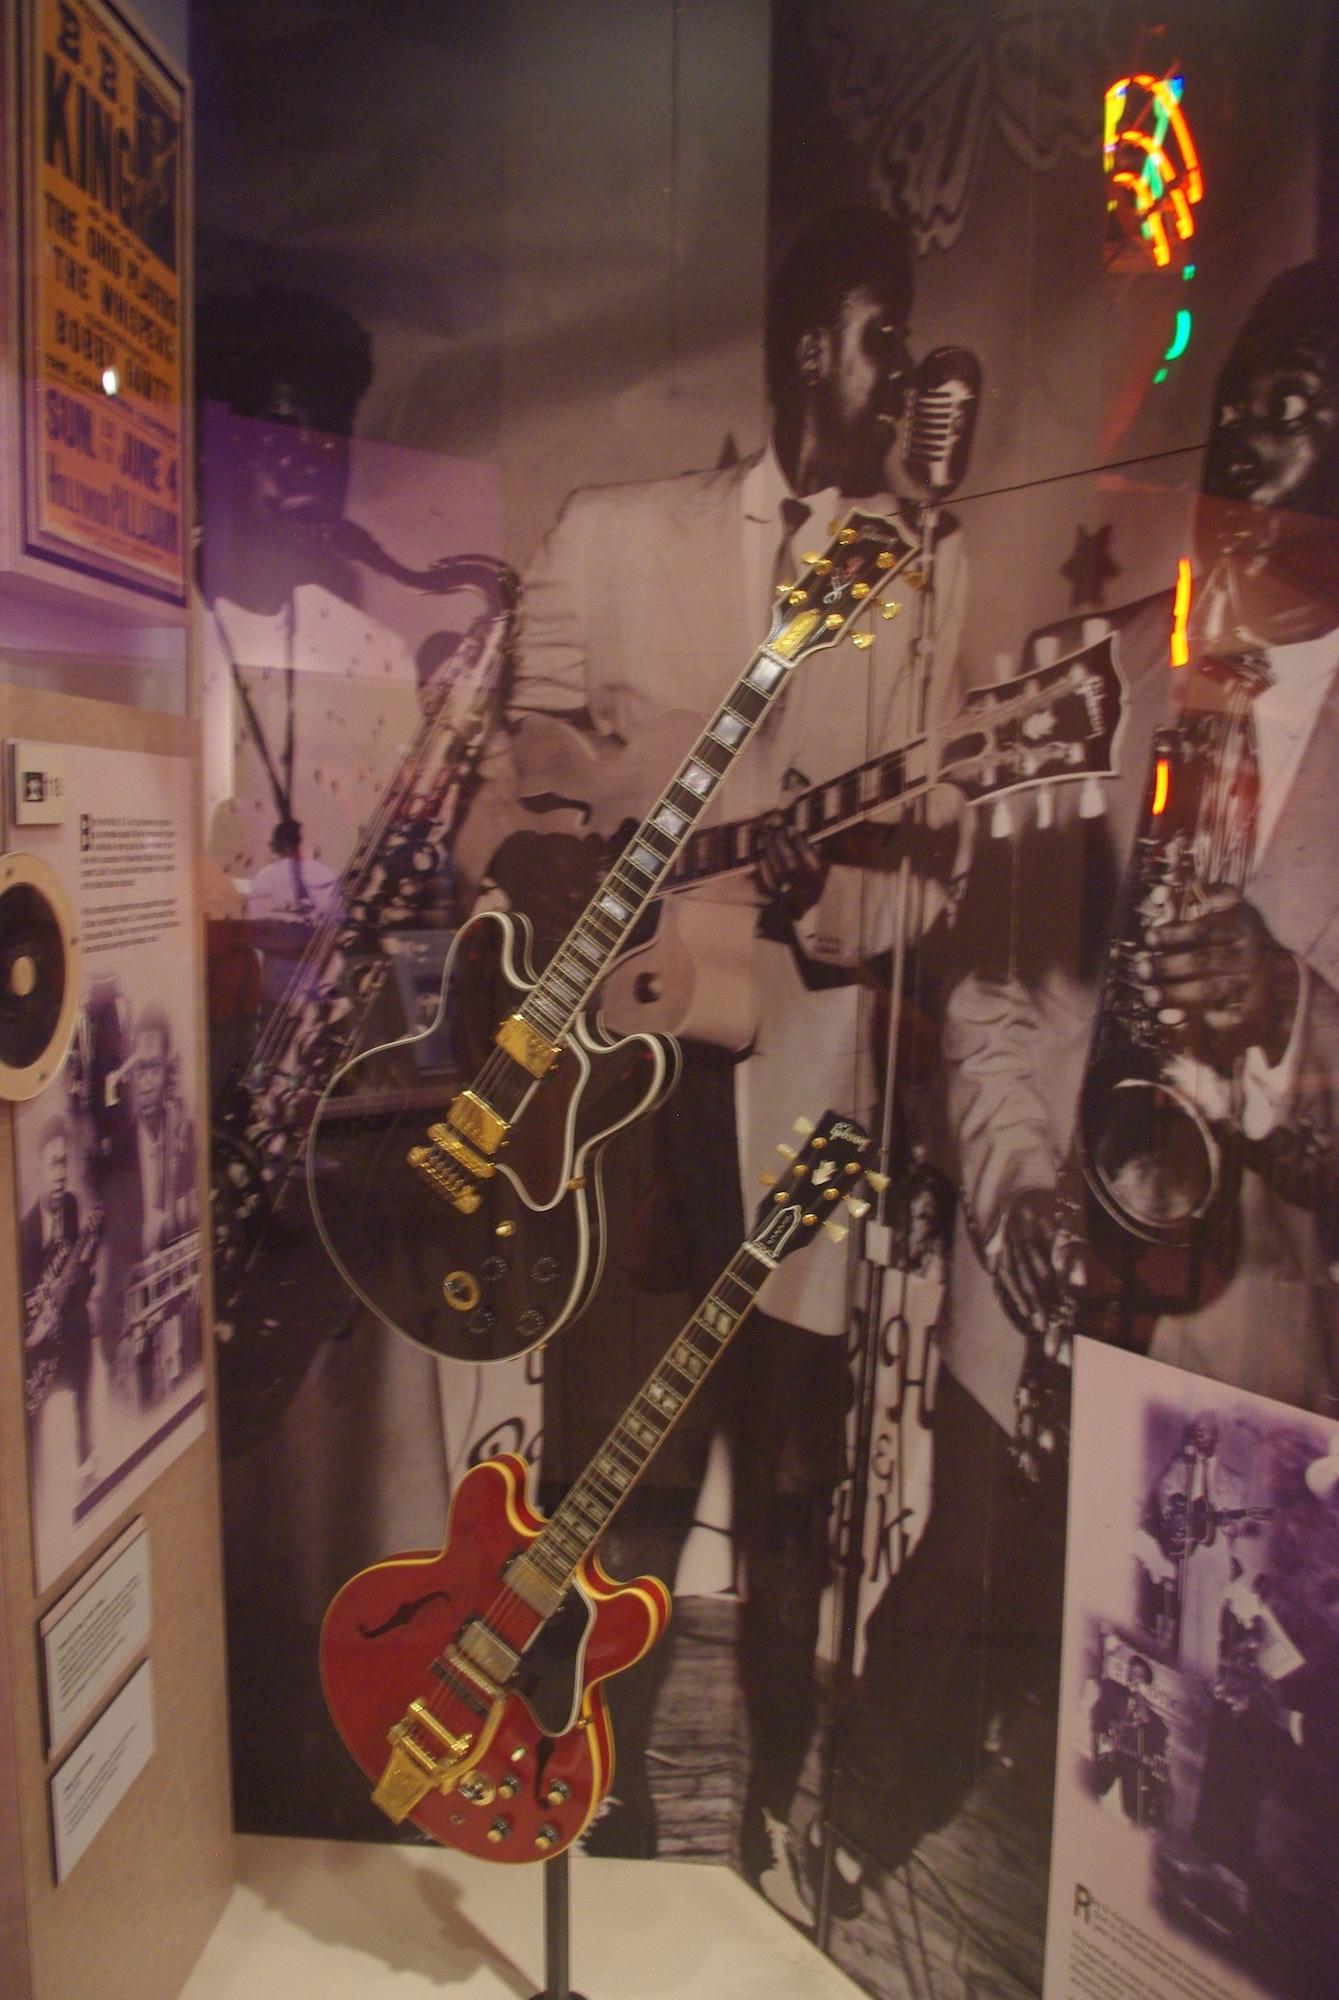 Une version de Lucille (en haut), la guitare de BB King